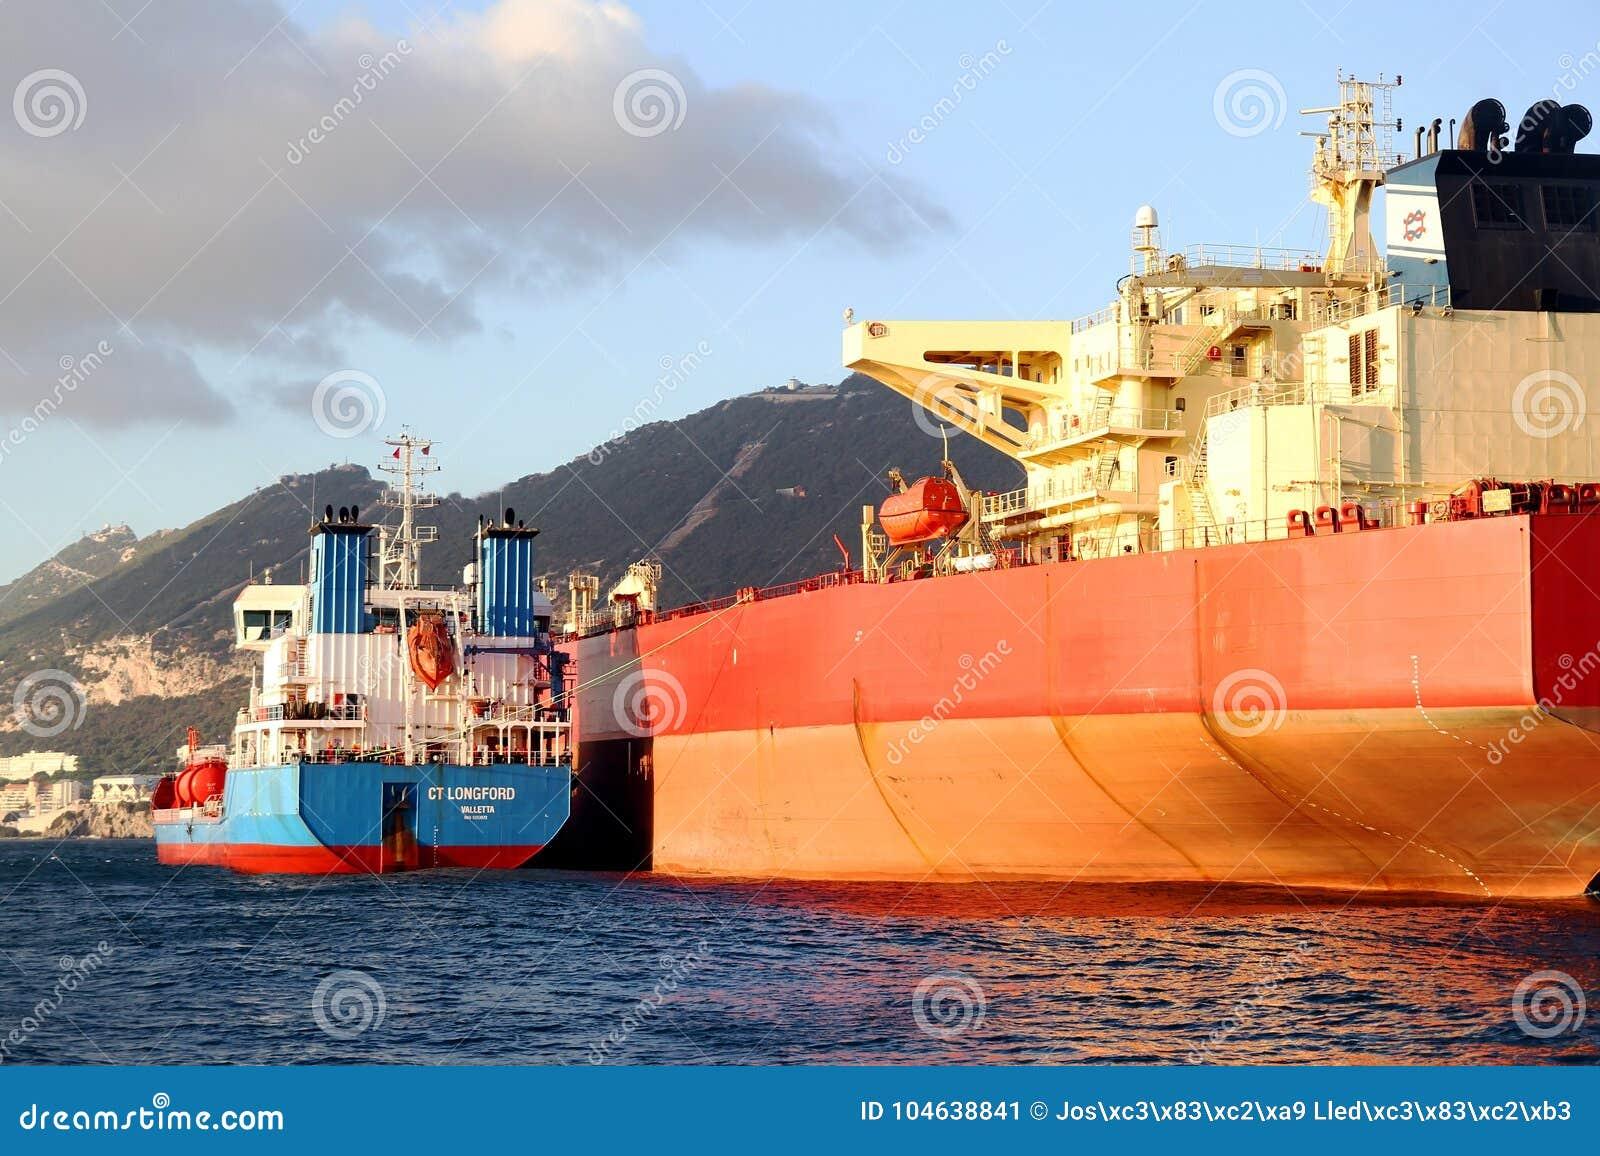 Download De Boogmening Van Bulk-carrierschip Leonid Loza Verankerde In Algeciras Baai In Spanje Redactionele Foto - Afbeelding bestaande uit import, gehuil: 104638841